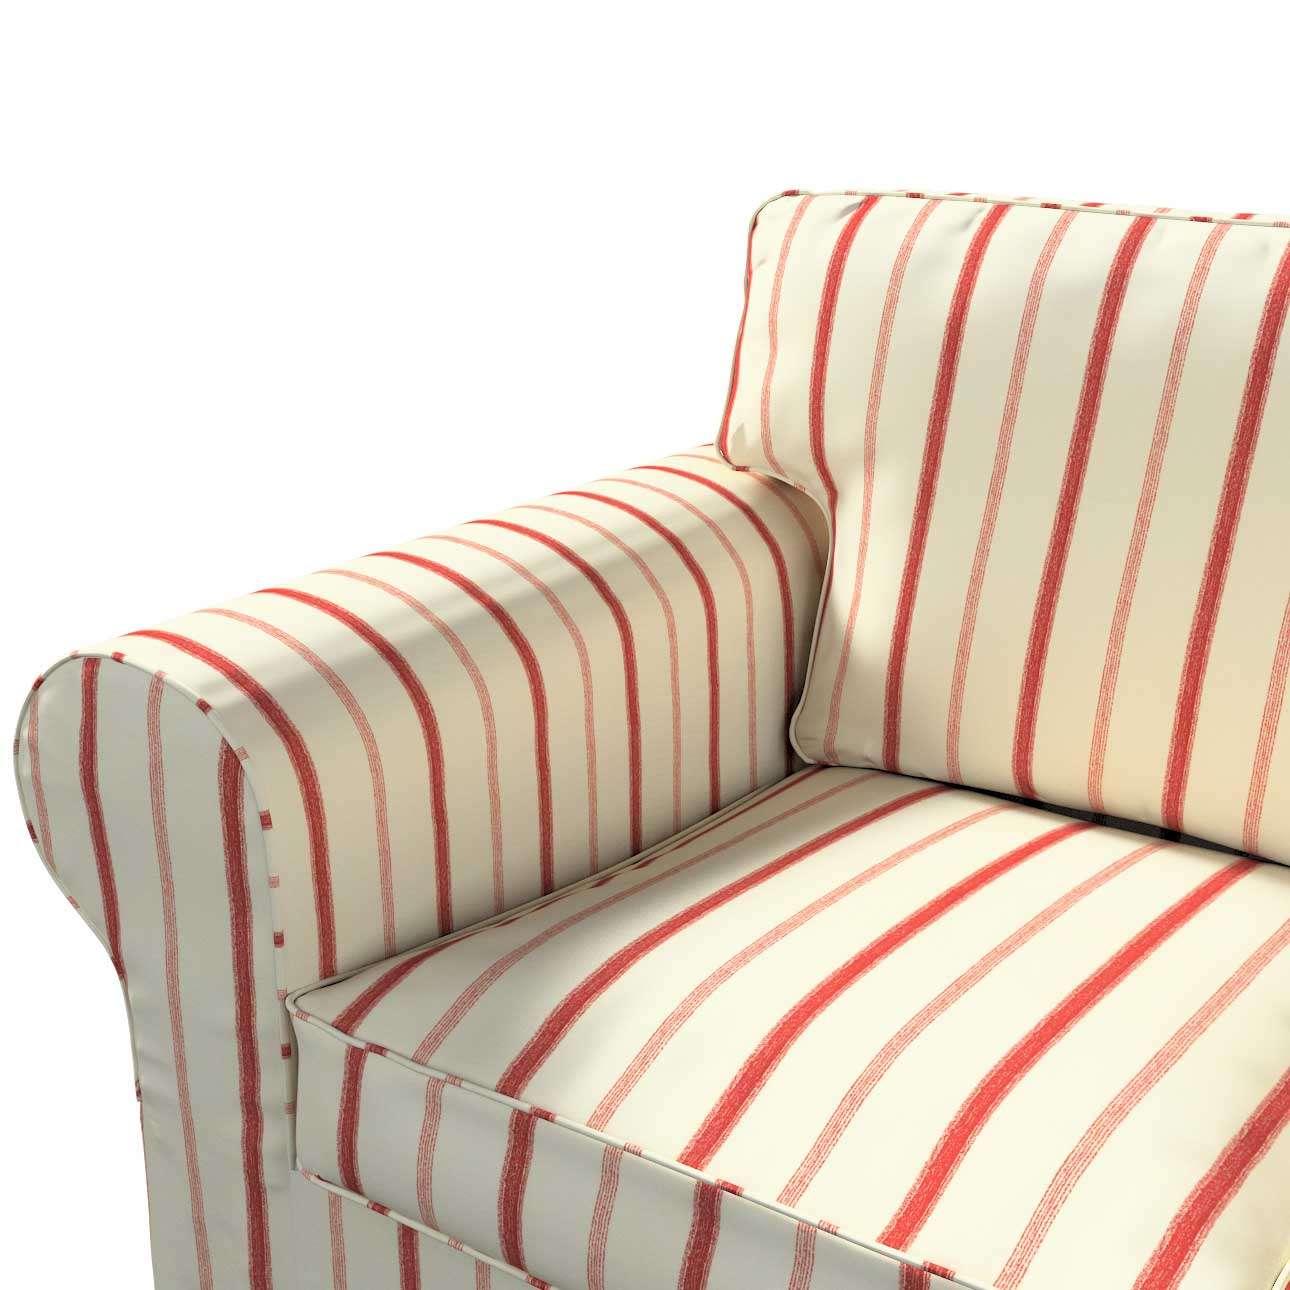 Pokrowiec na sofę Ektorp 3-osobową, nierozkładaną Sofa Ektorp 3-osobowa w kolekcji Avinon, tkanina: 129-15